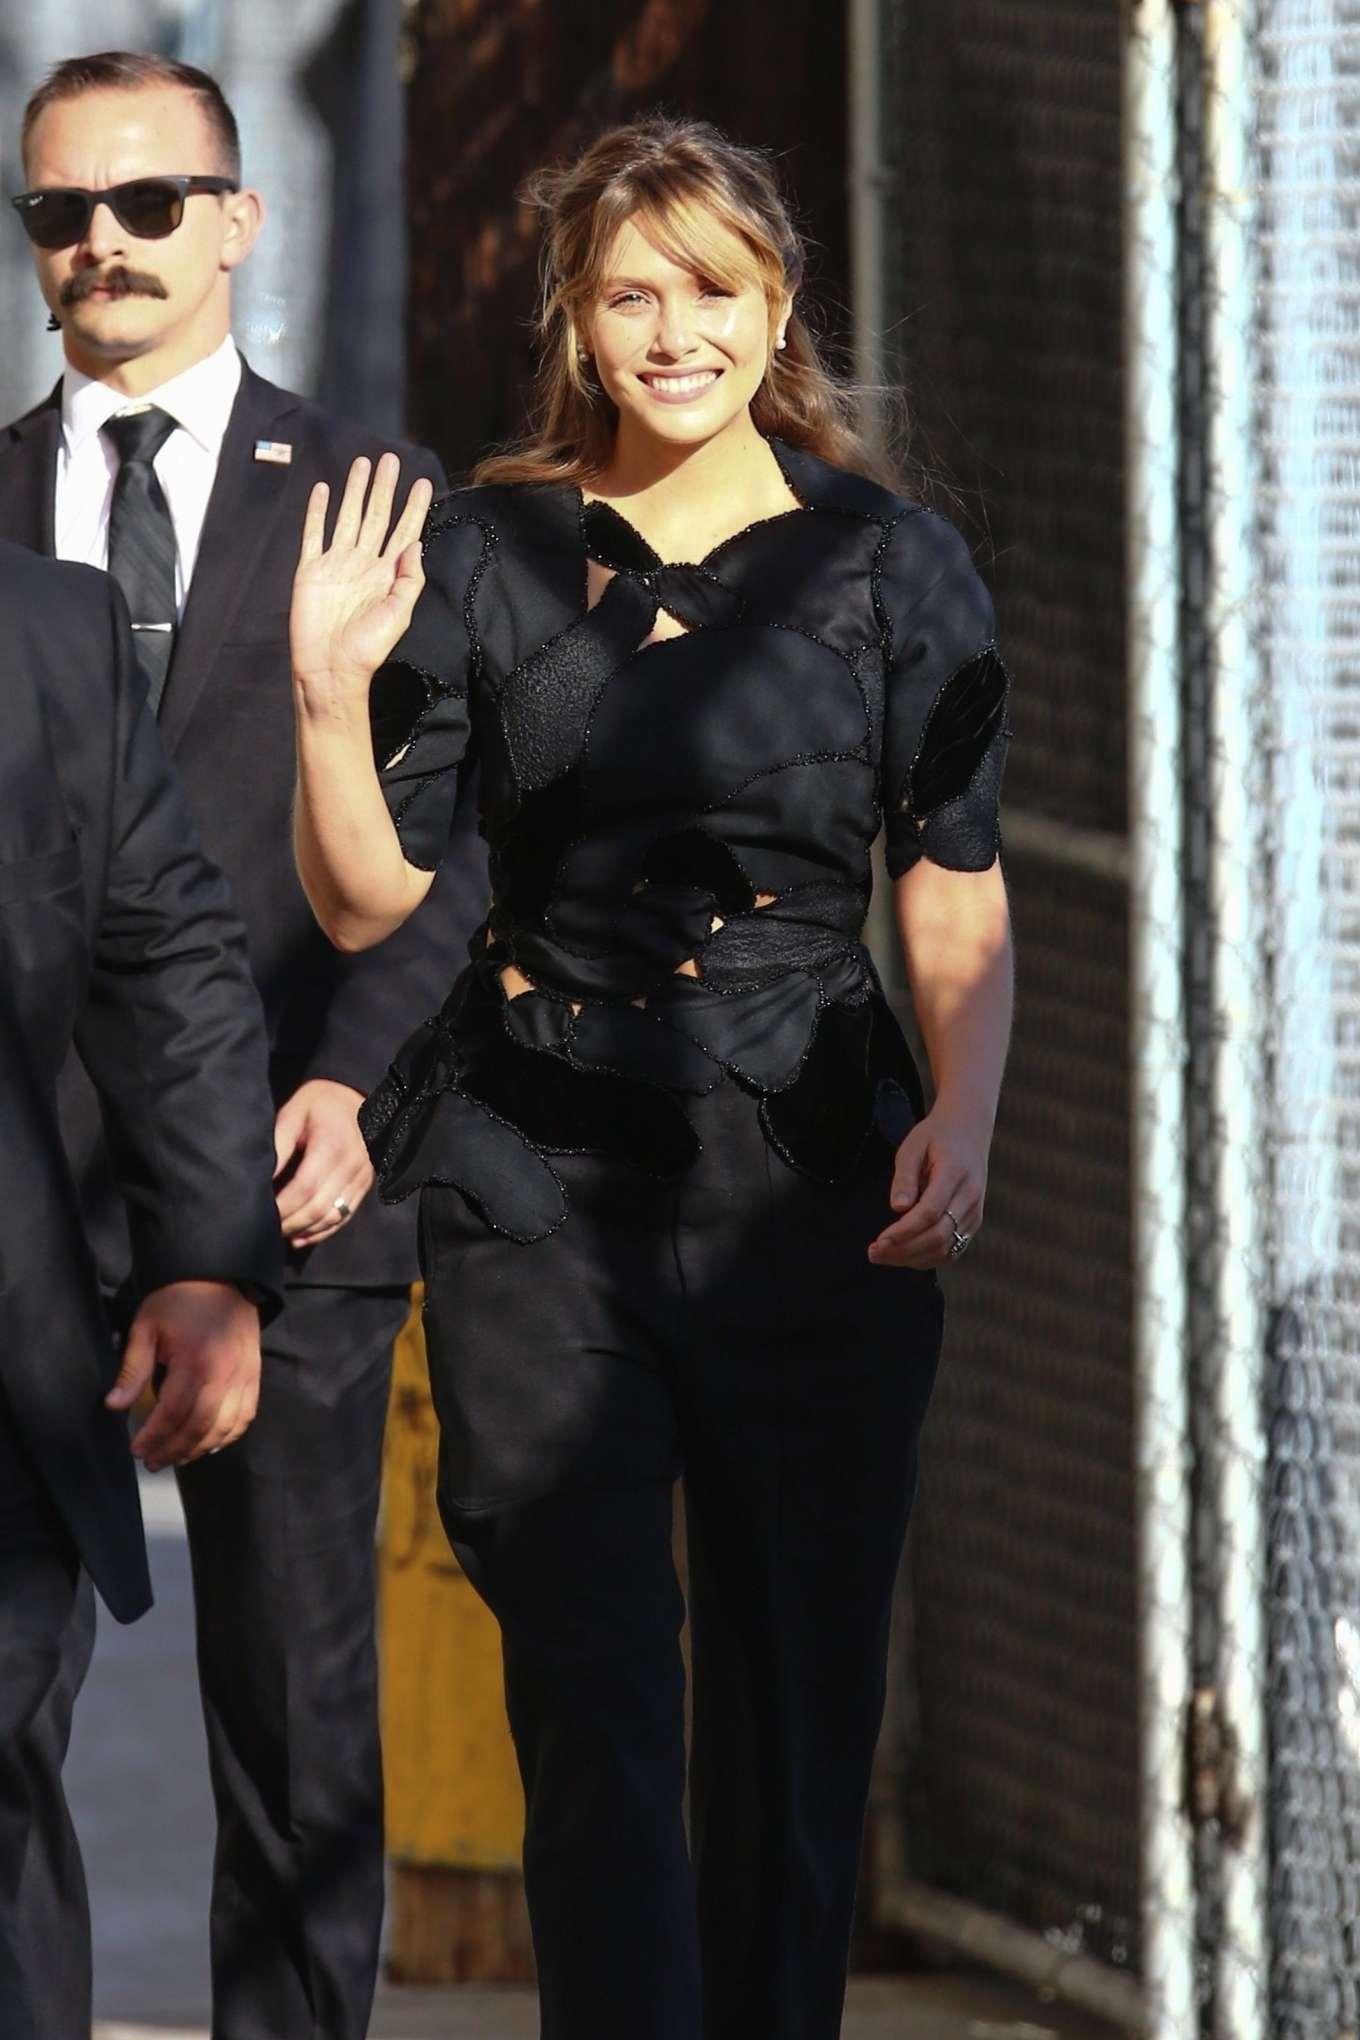 Elizabeth Olsen - Arrives at Jimmy Kimmel Live in Los Angeles